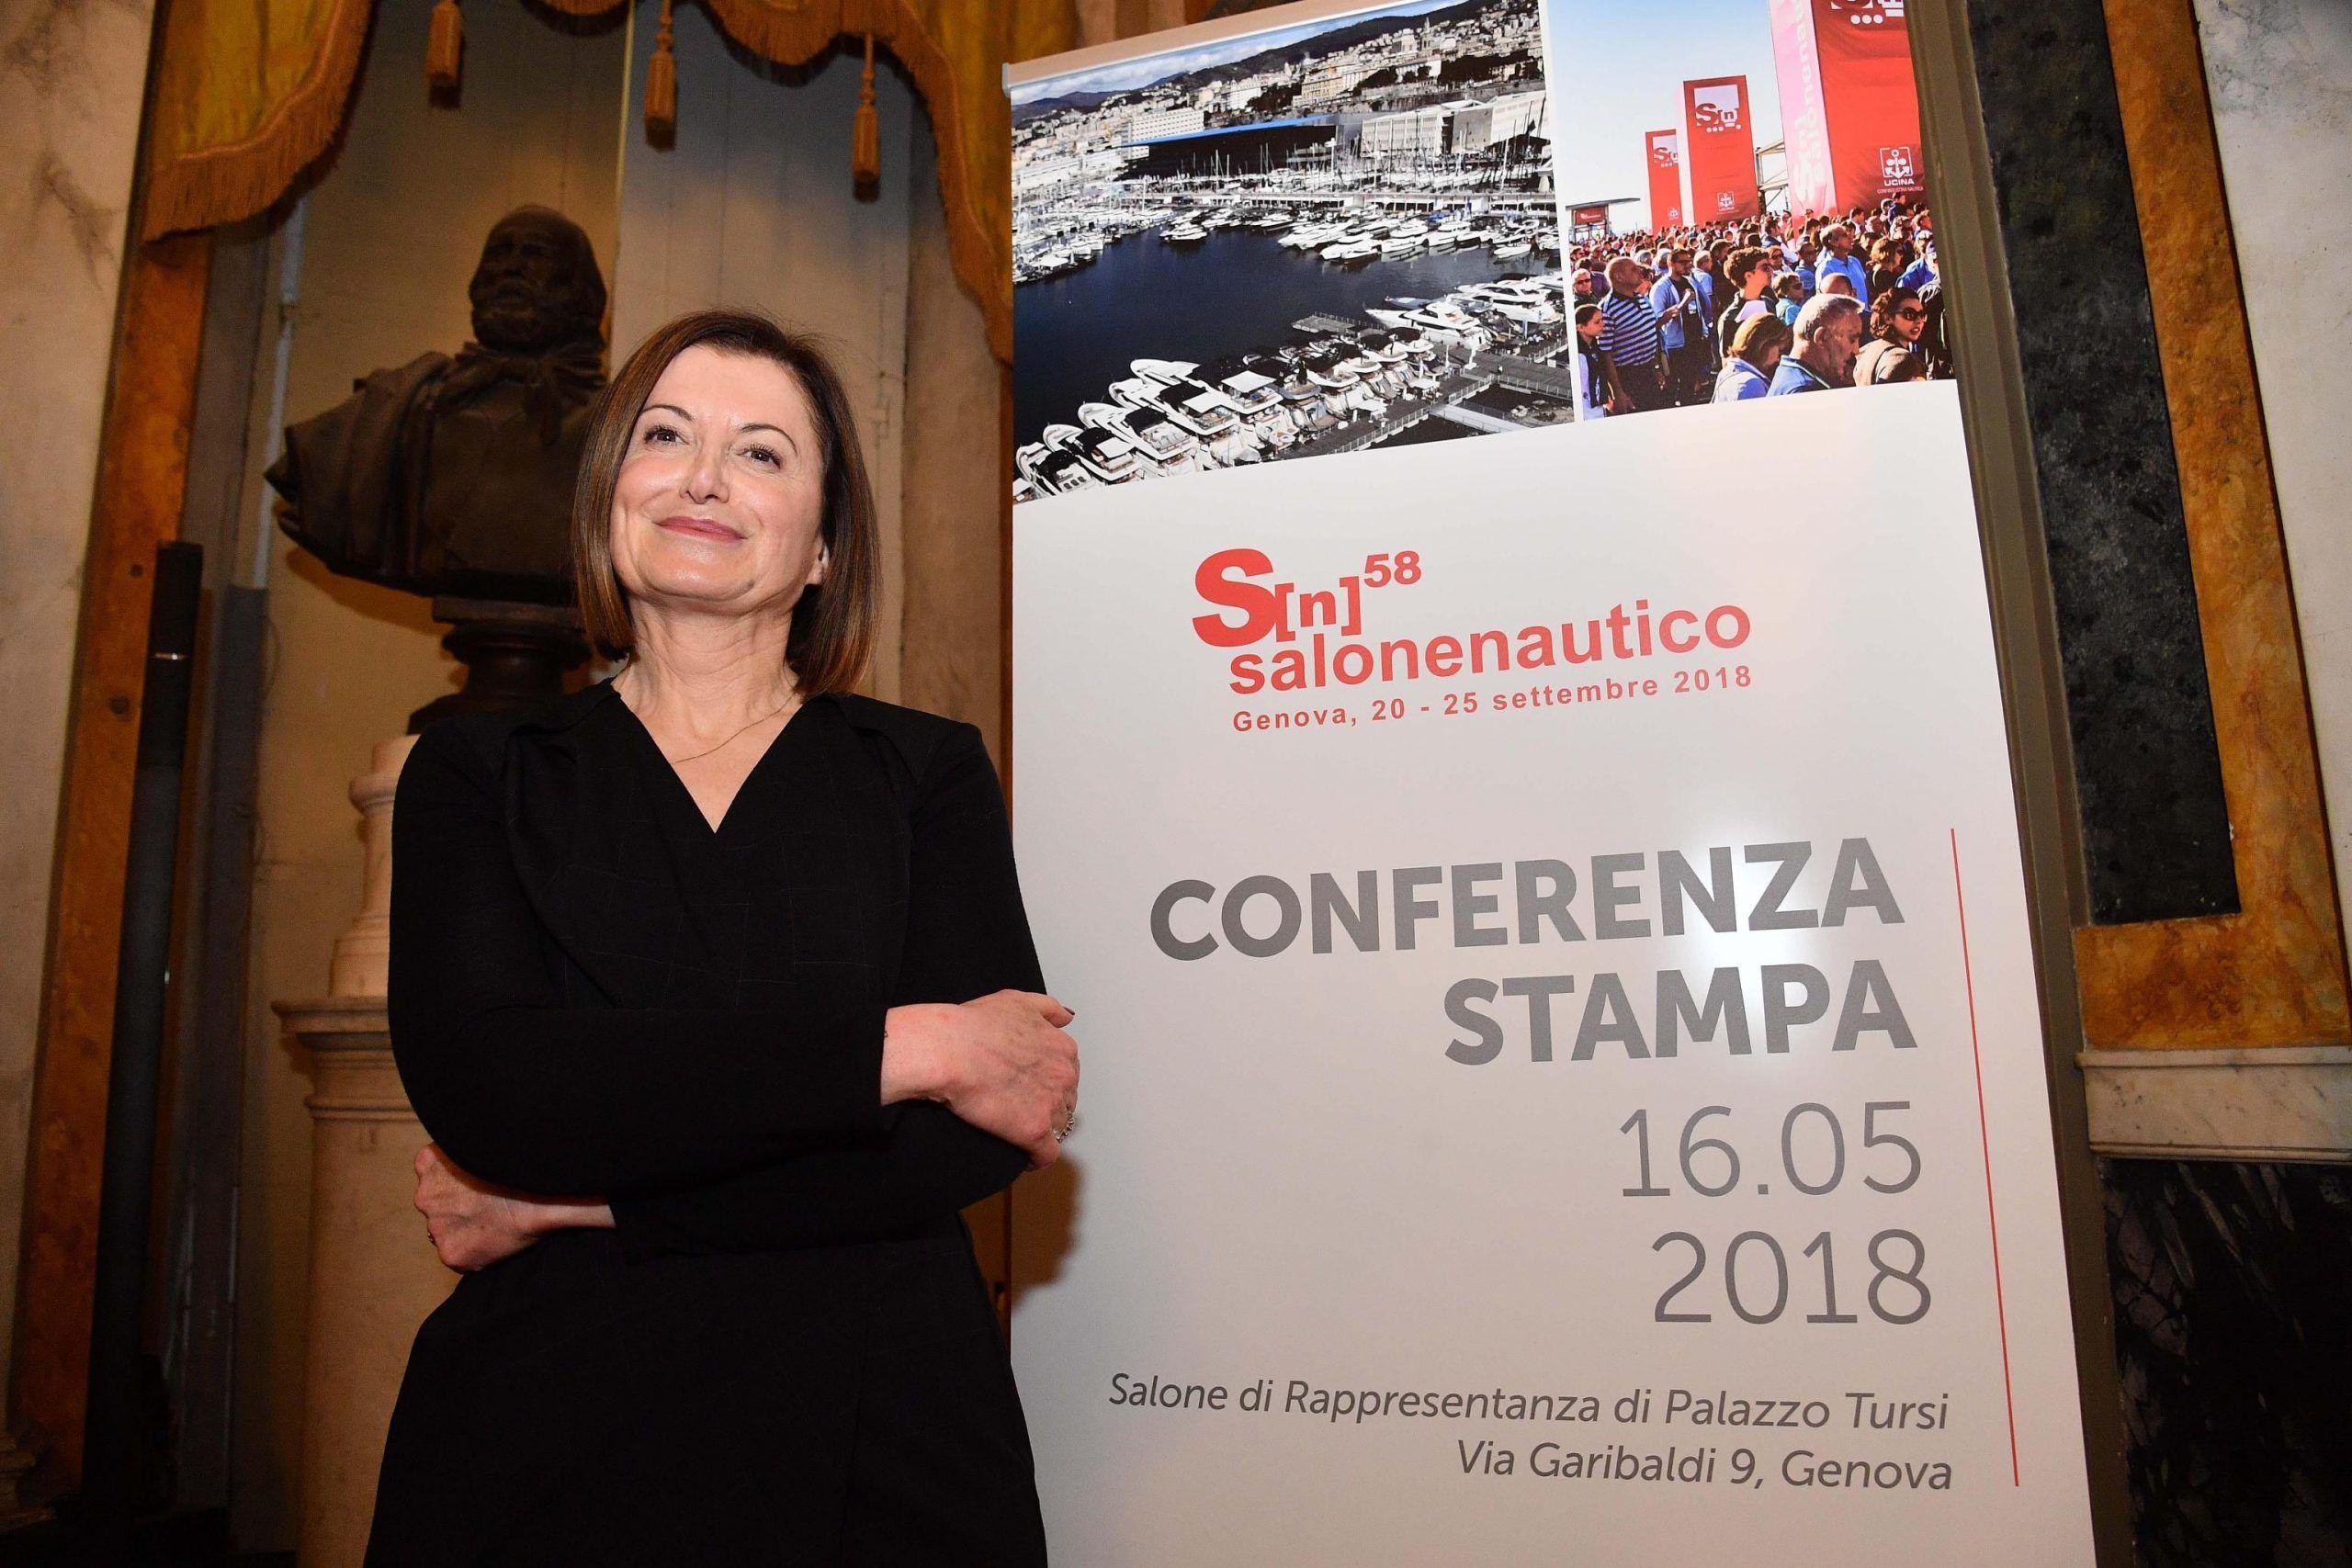 Presentato in anteprima il 58 Salone Nautico di Genova